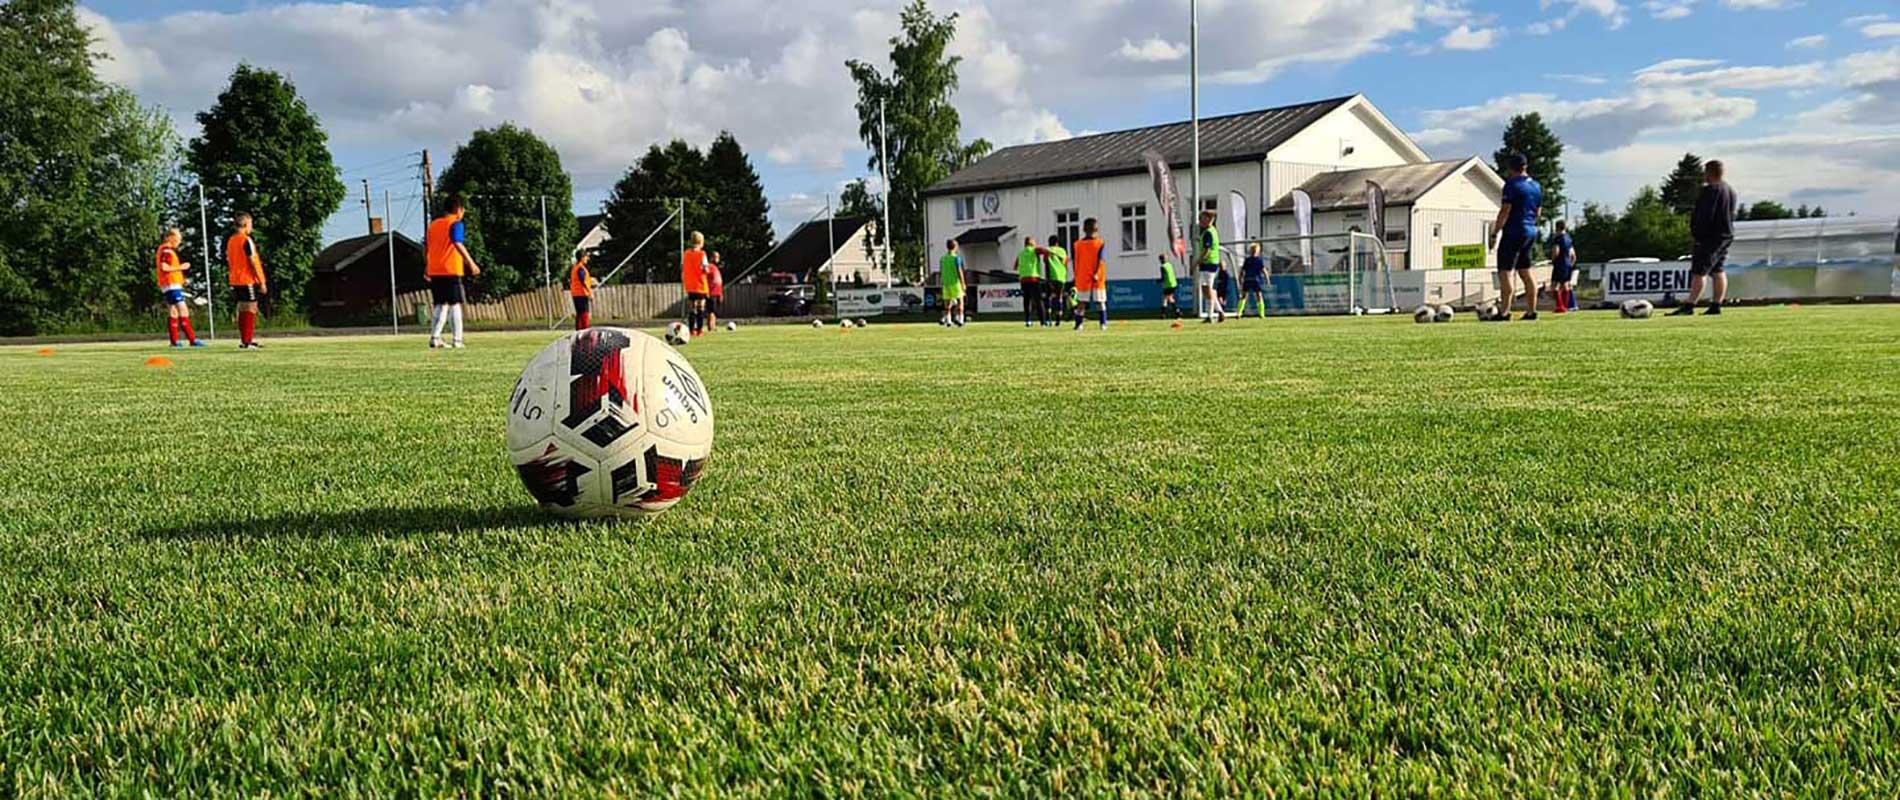 Fotball på gressbane, medn Bøn Klubbhus i bakgrunnen